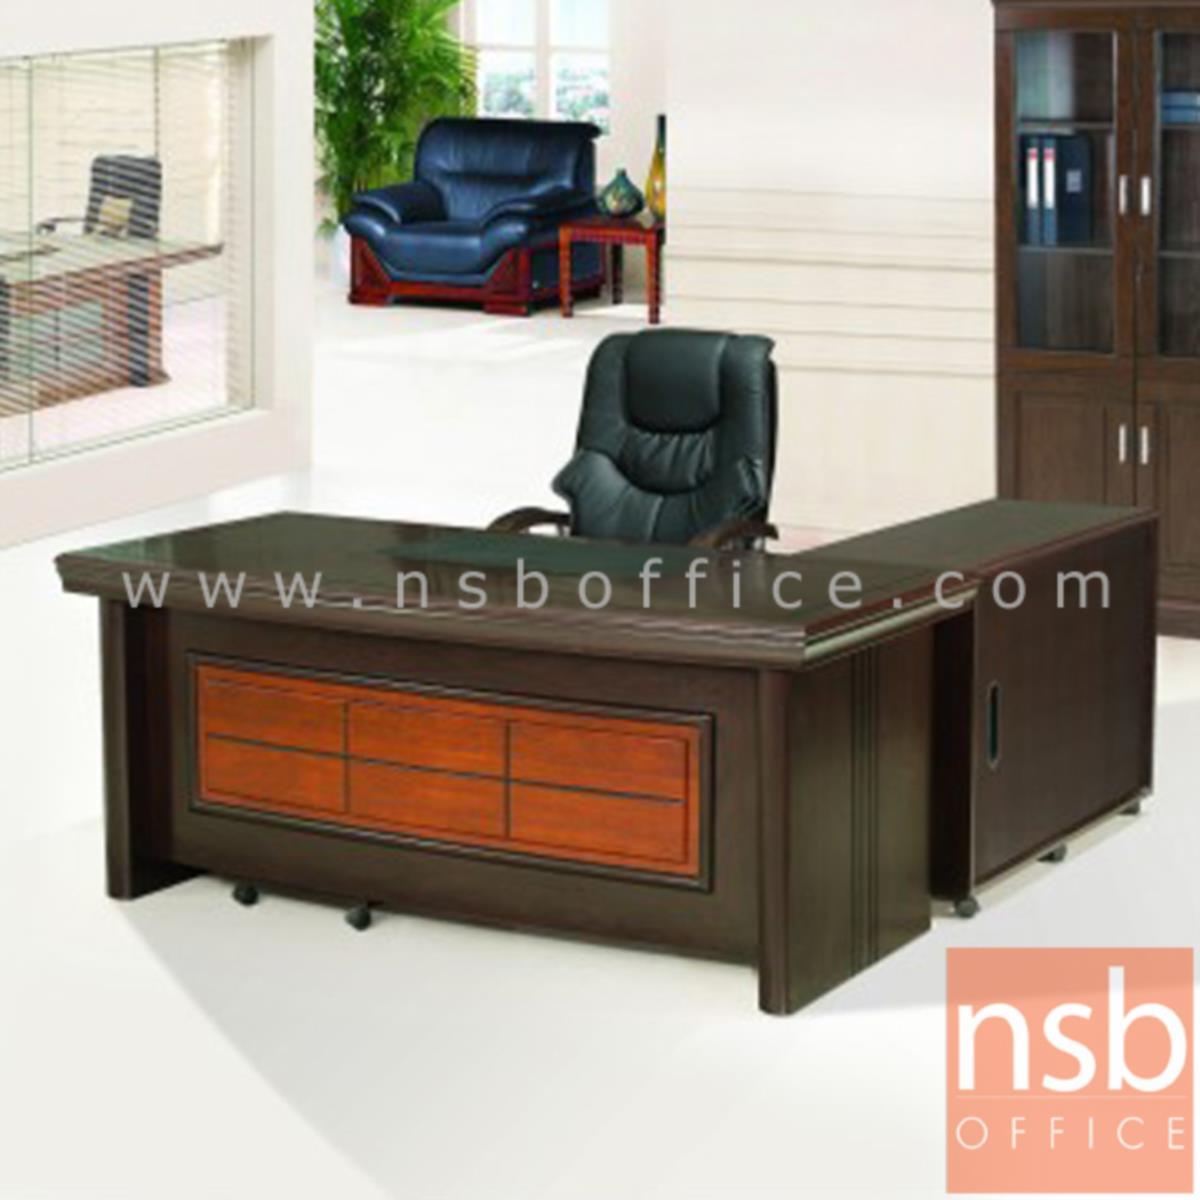 โต๊ะผู้บริหารตัวแอล  รุ่น Schneider (ชไนเดอร์) ขนาด 160W ,180W ,200W cm. พร้อมตู้ลิ้นชักและตู้ข้าง